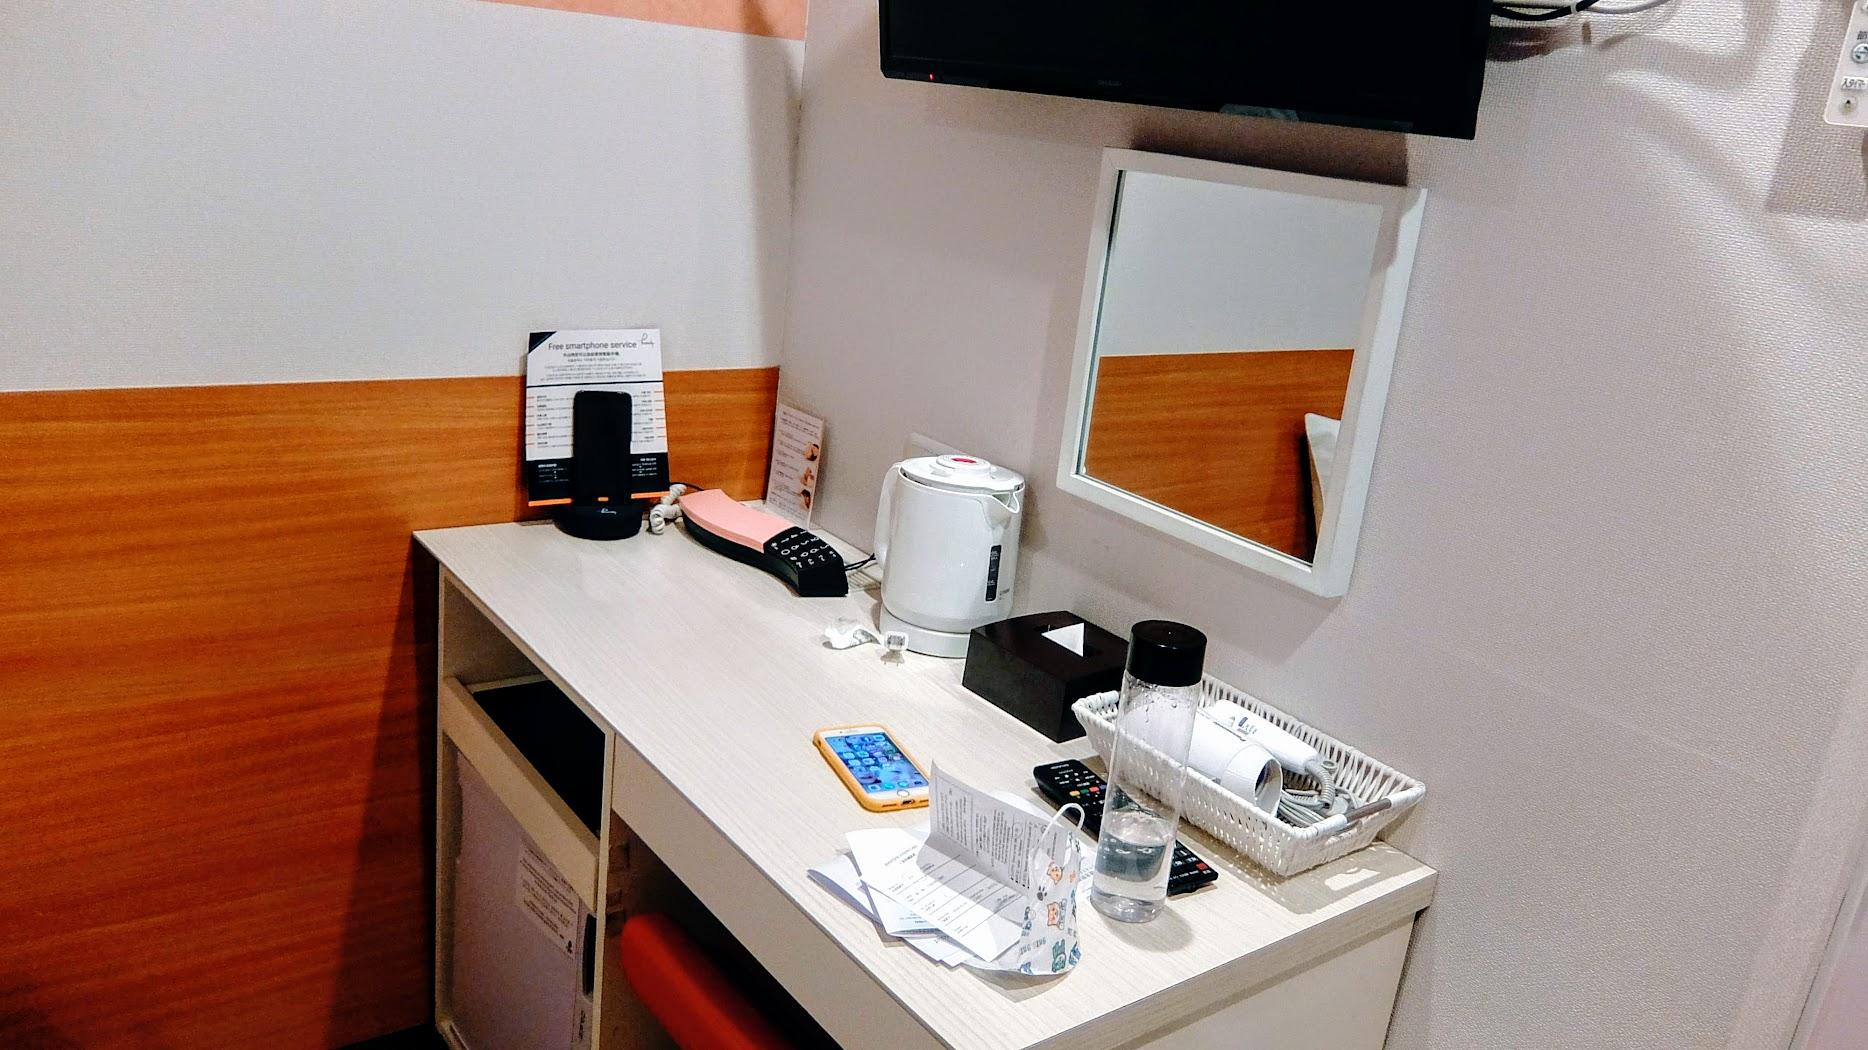 小書桌,旁邊還有一支手機可以上網用! 是說房間內也有無線可以使用,上網IG打卡不用怕流量不夠XD